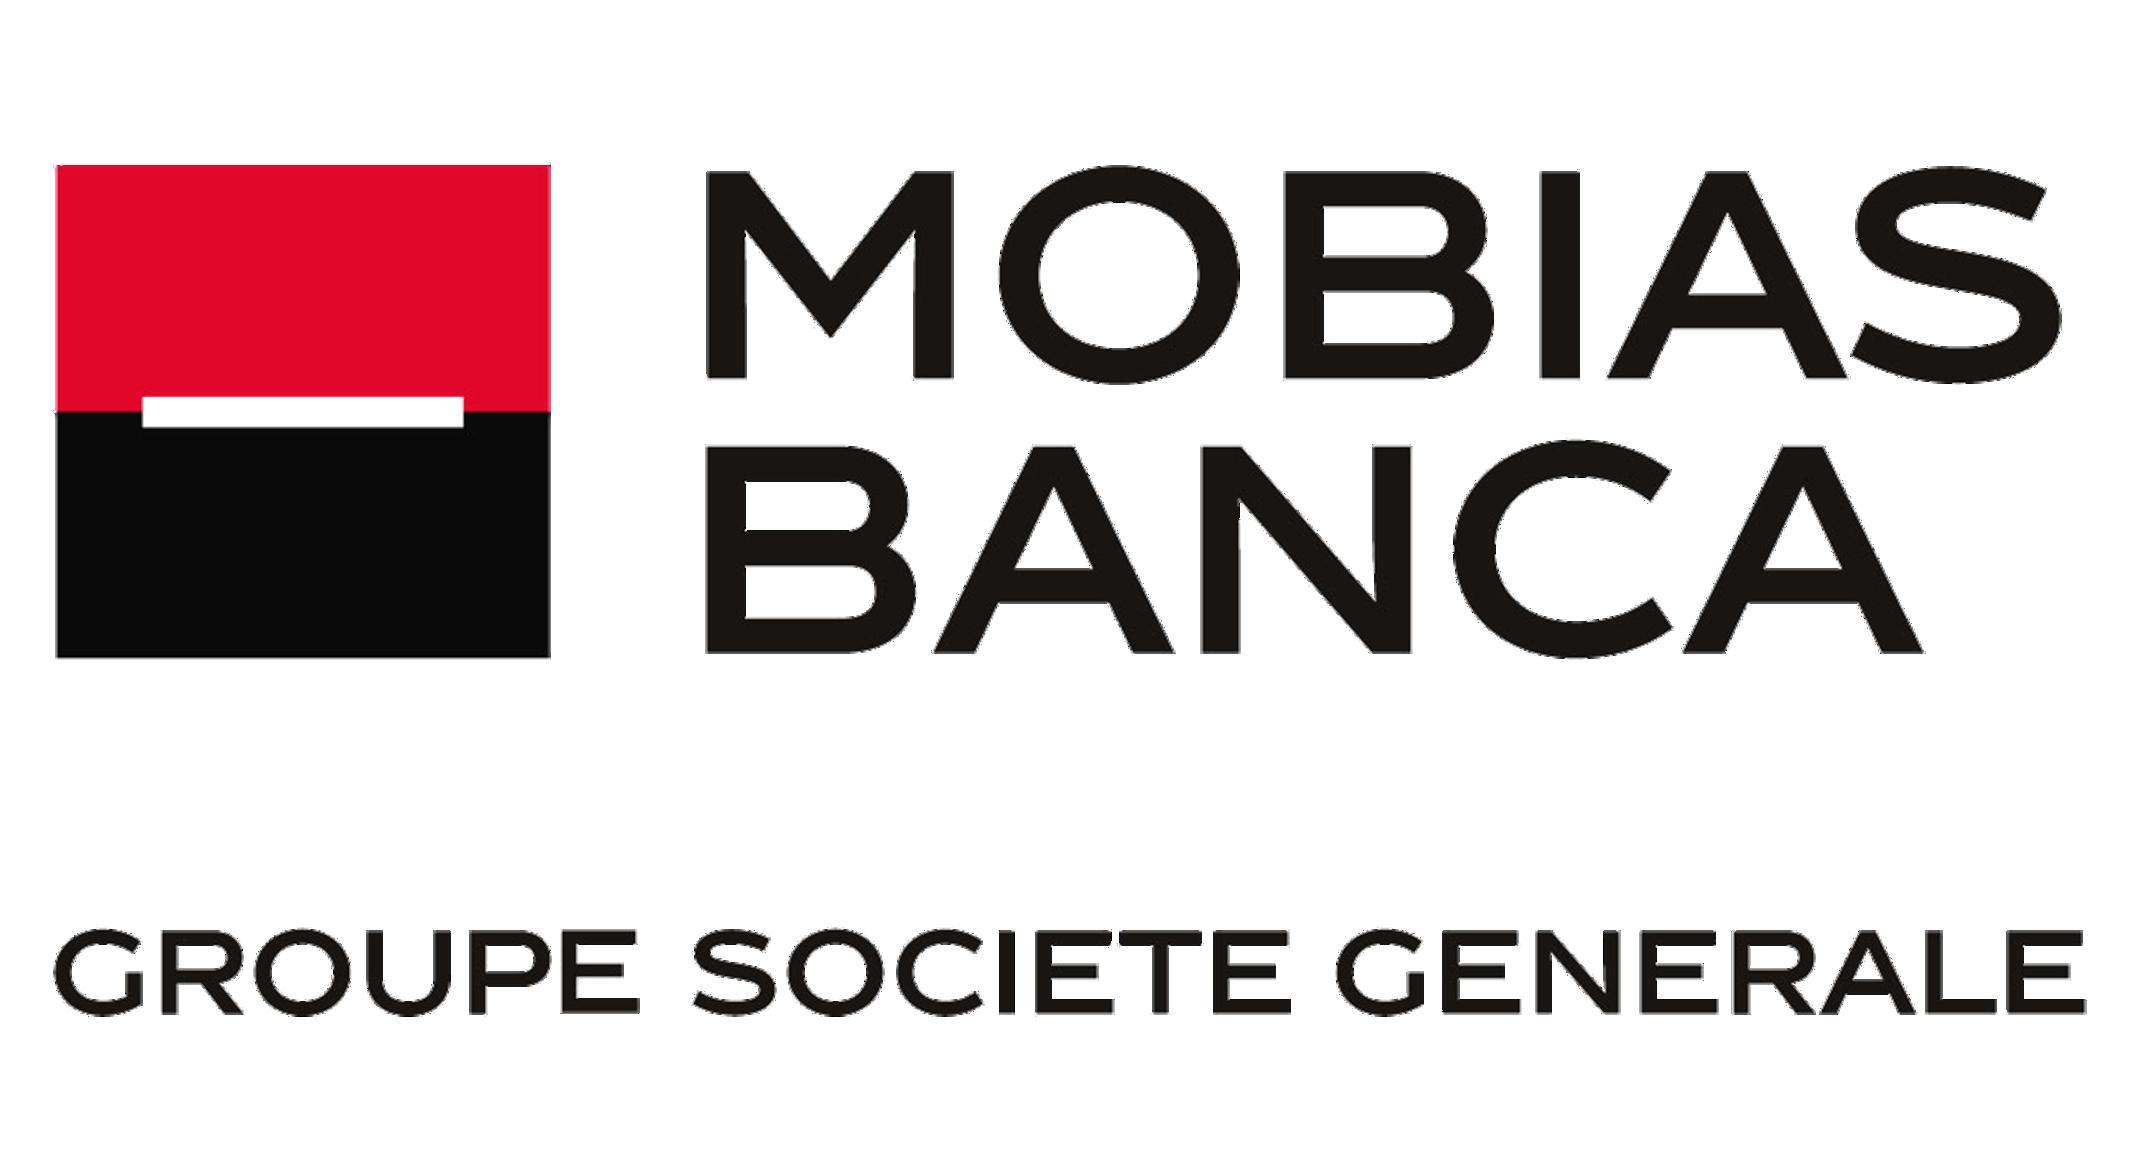 O bancă comercială din Moldova și-a schimbat denumirea